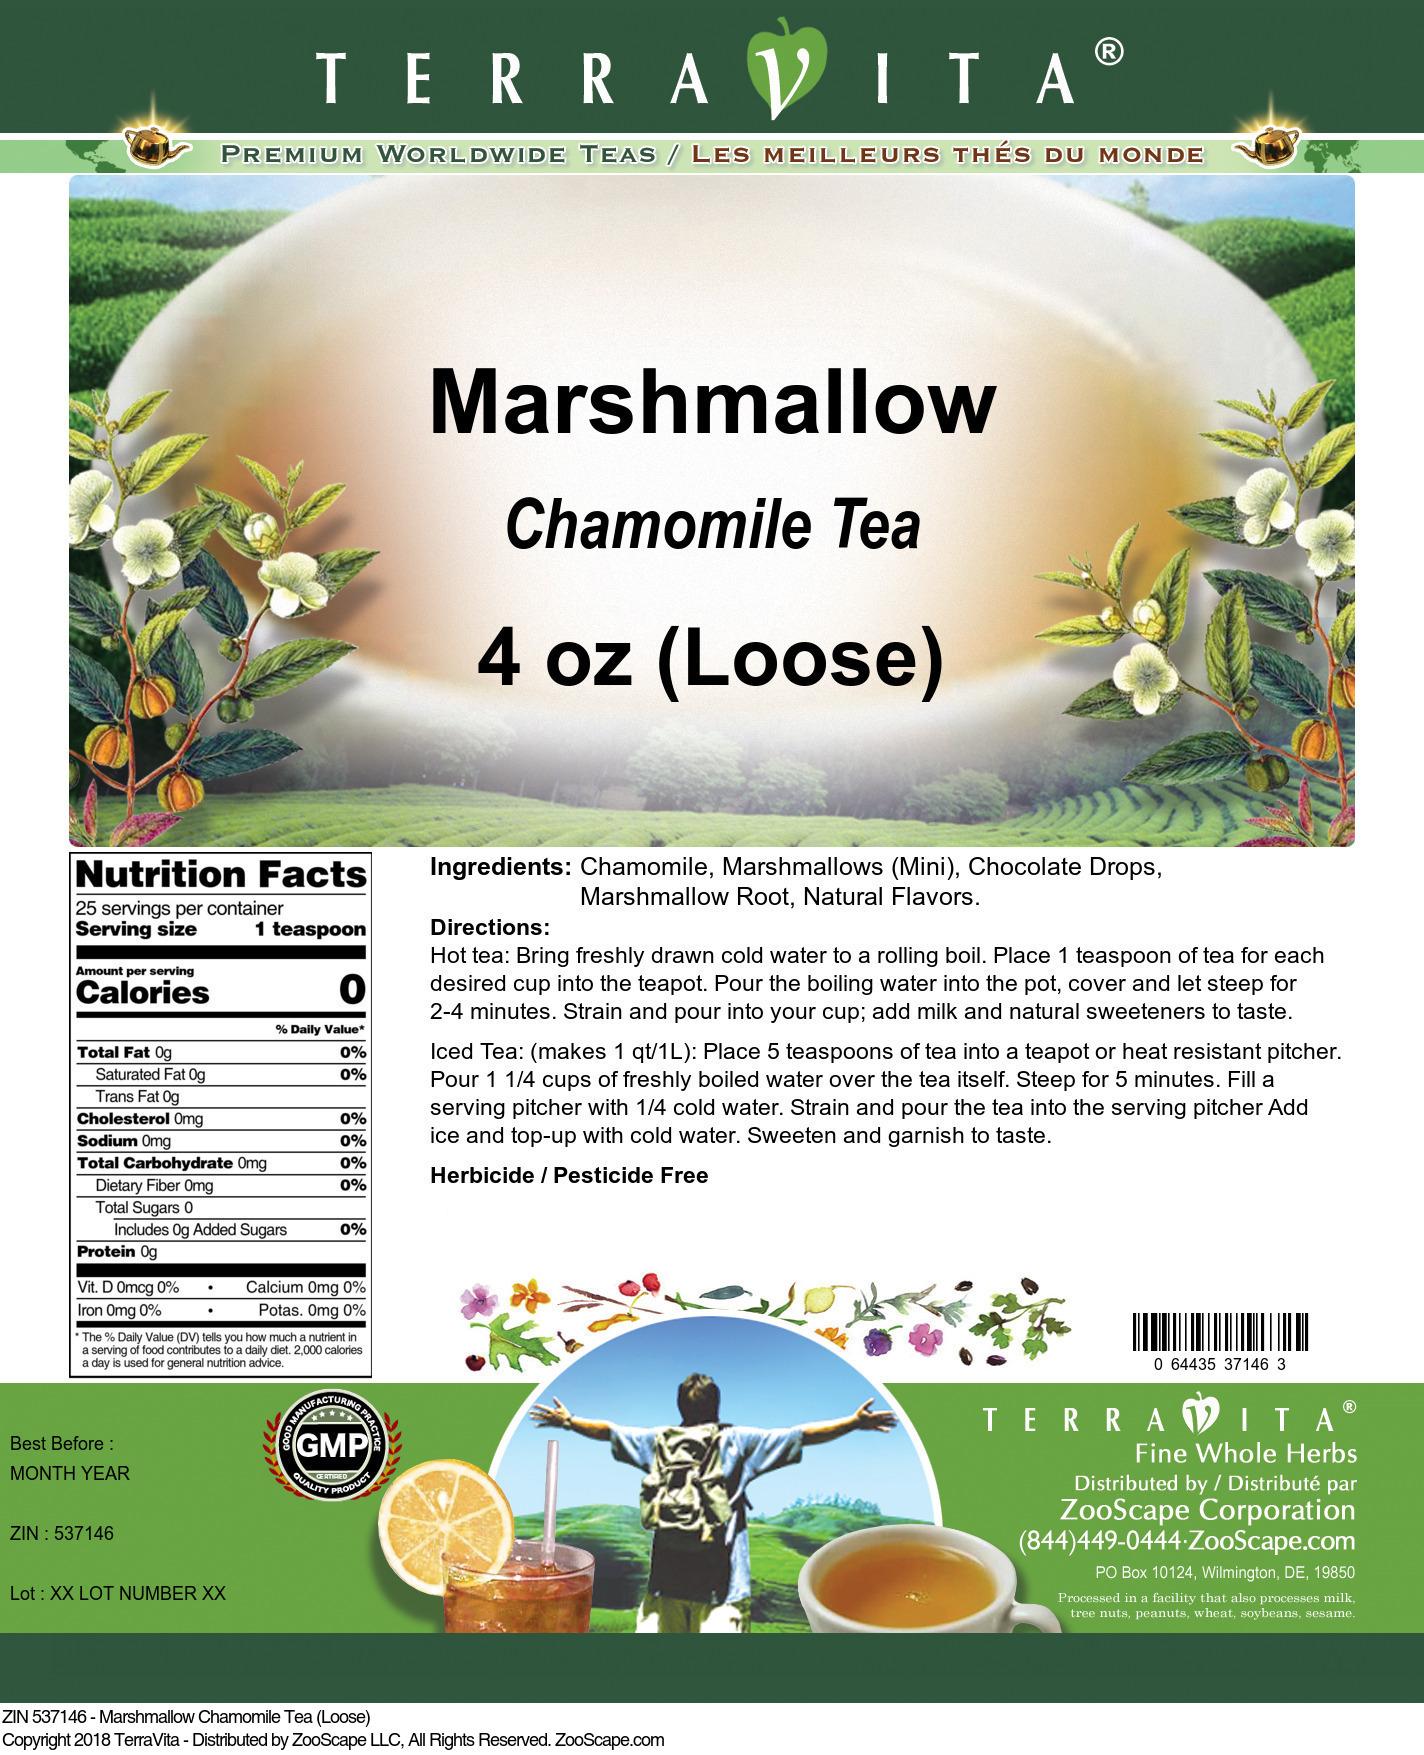 Marshmallow Chamomile Tea (Loose)